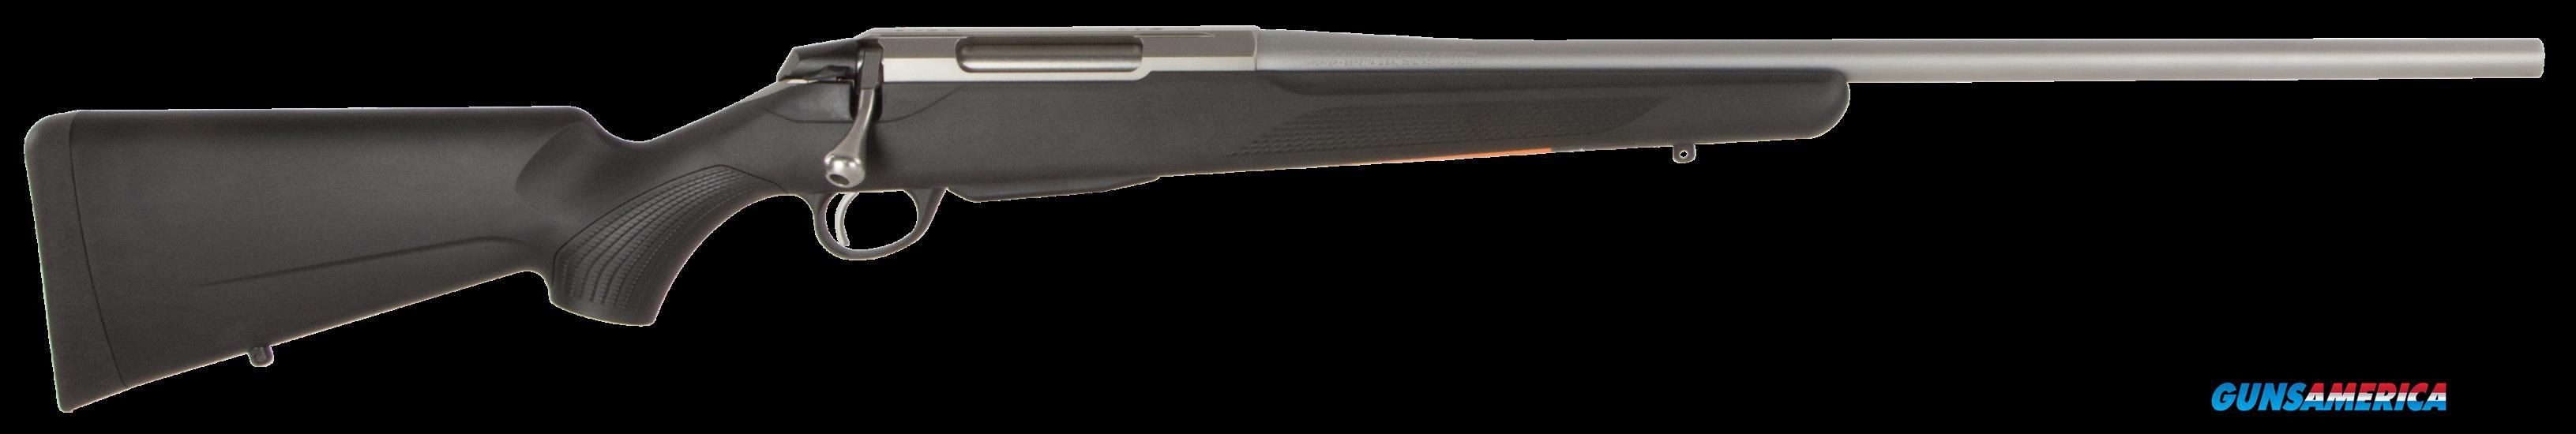 Tikka T3 T3x, Tikka Jrtxb340    T3x Lite   270wsm Synss  Guns > Pistols > 1911 Pistol Copies (non-Colt)